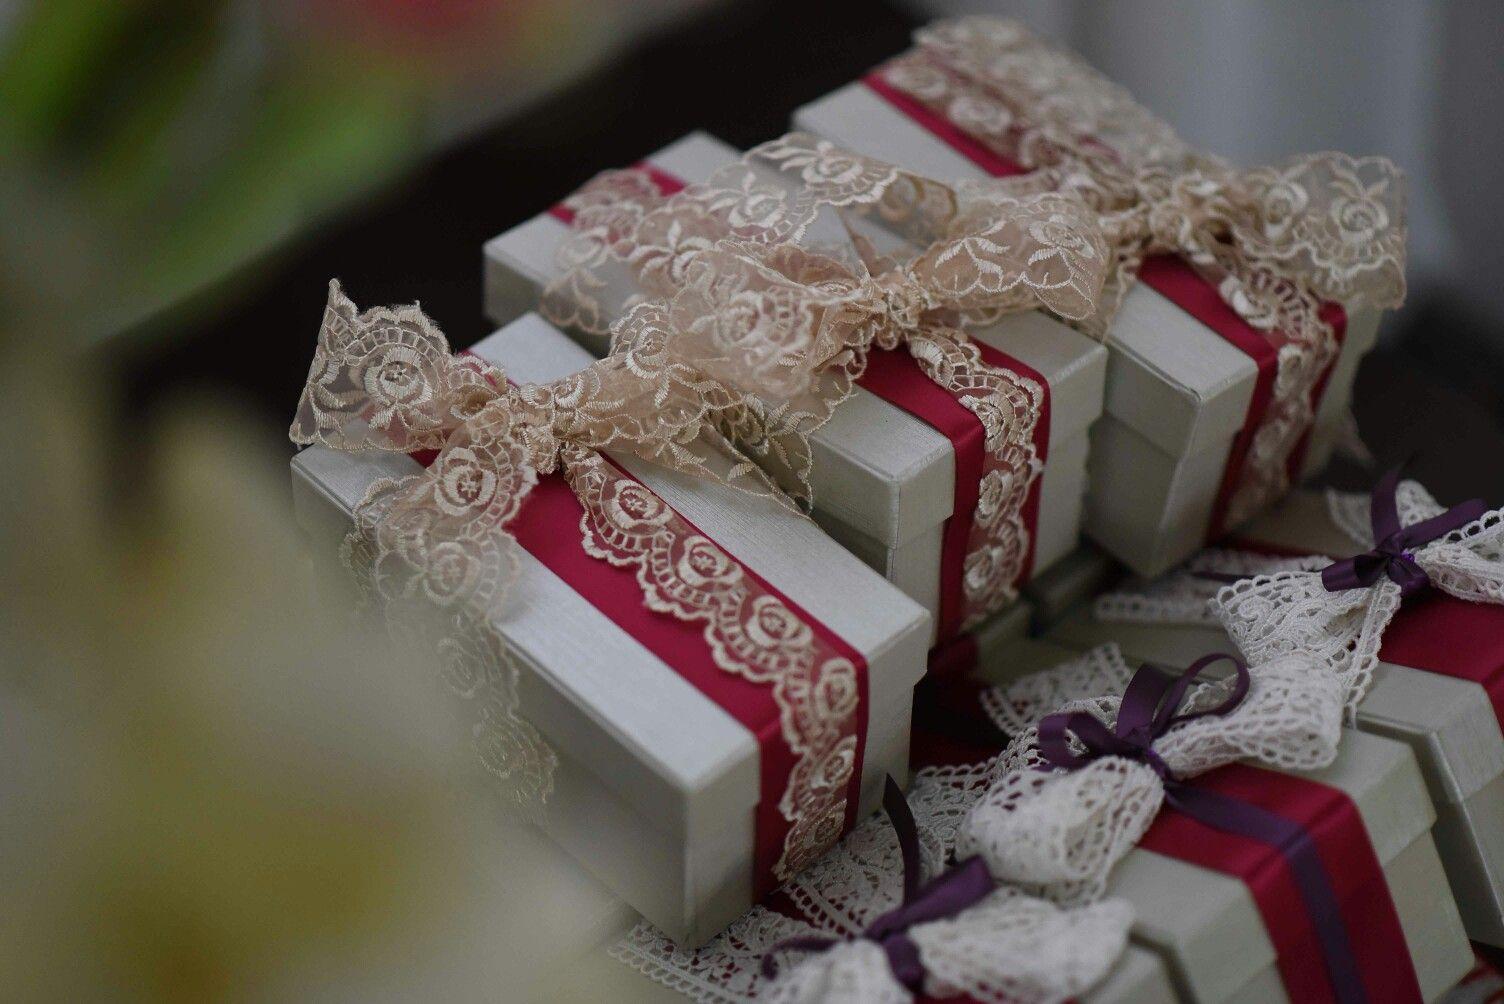 Grosir Souvenir Kipas Jakarta Jual Souvenir Wayang Kulit Jakarta